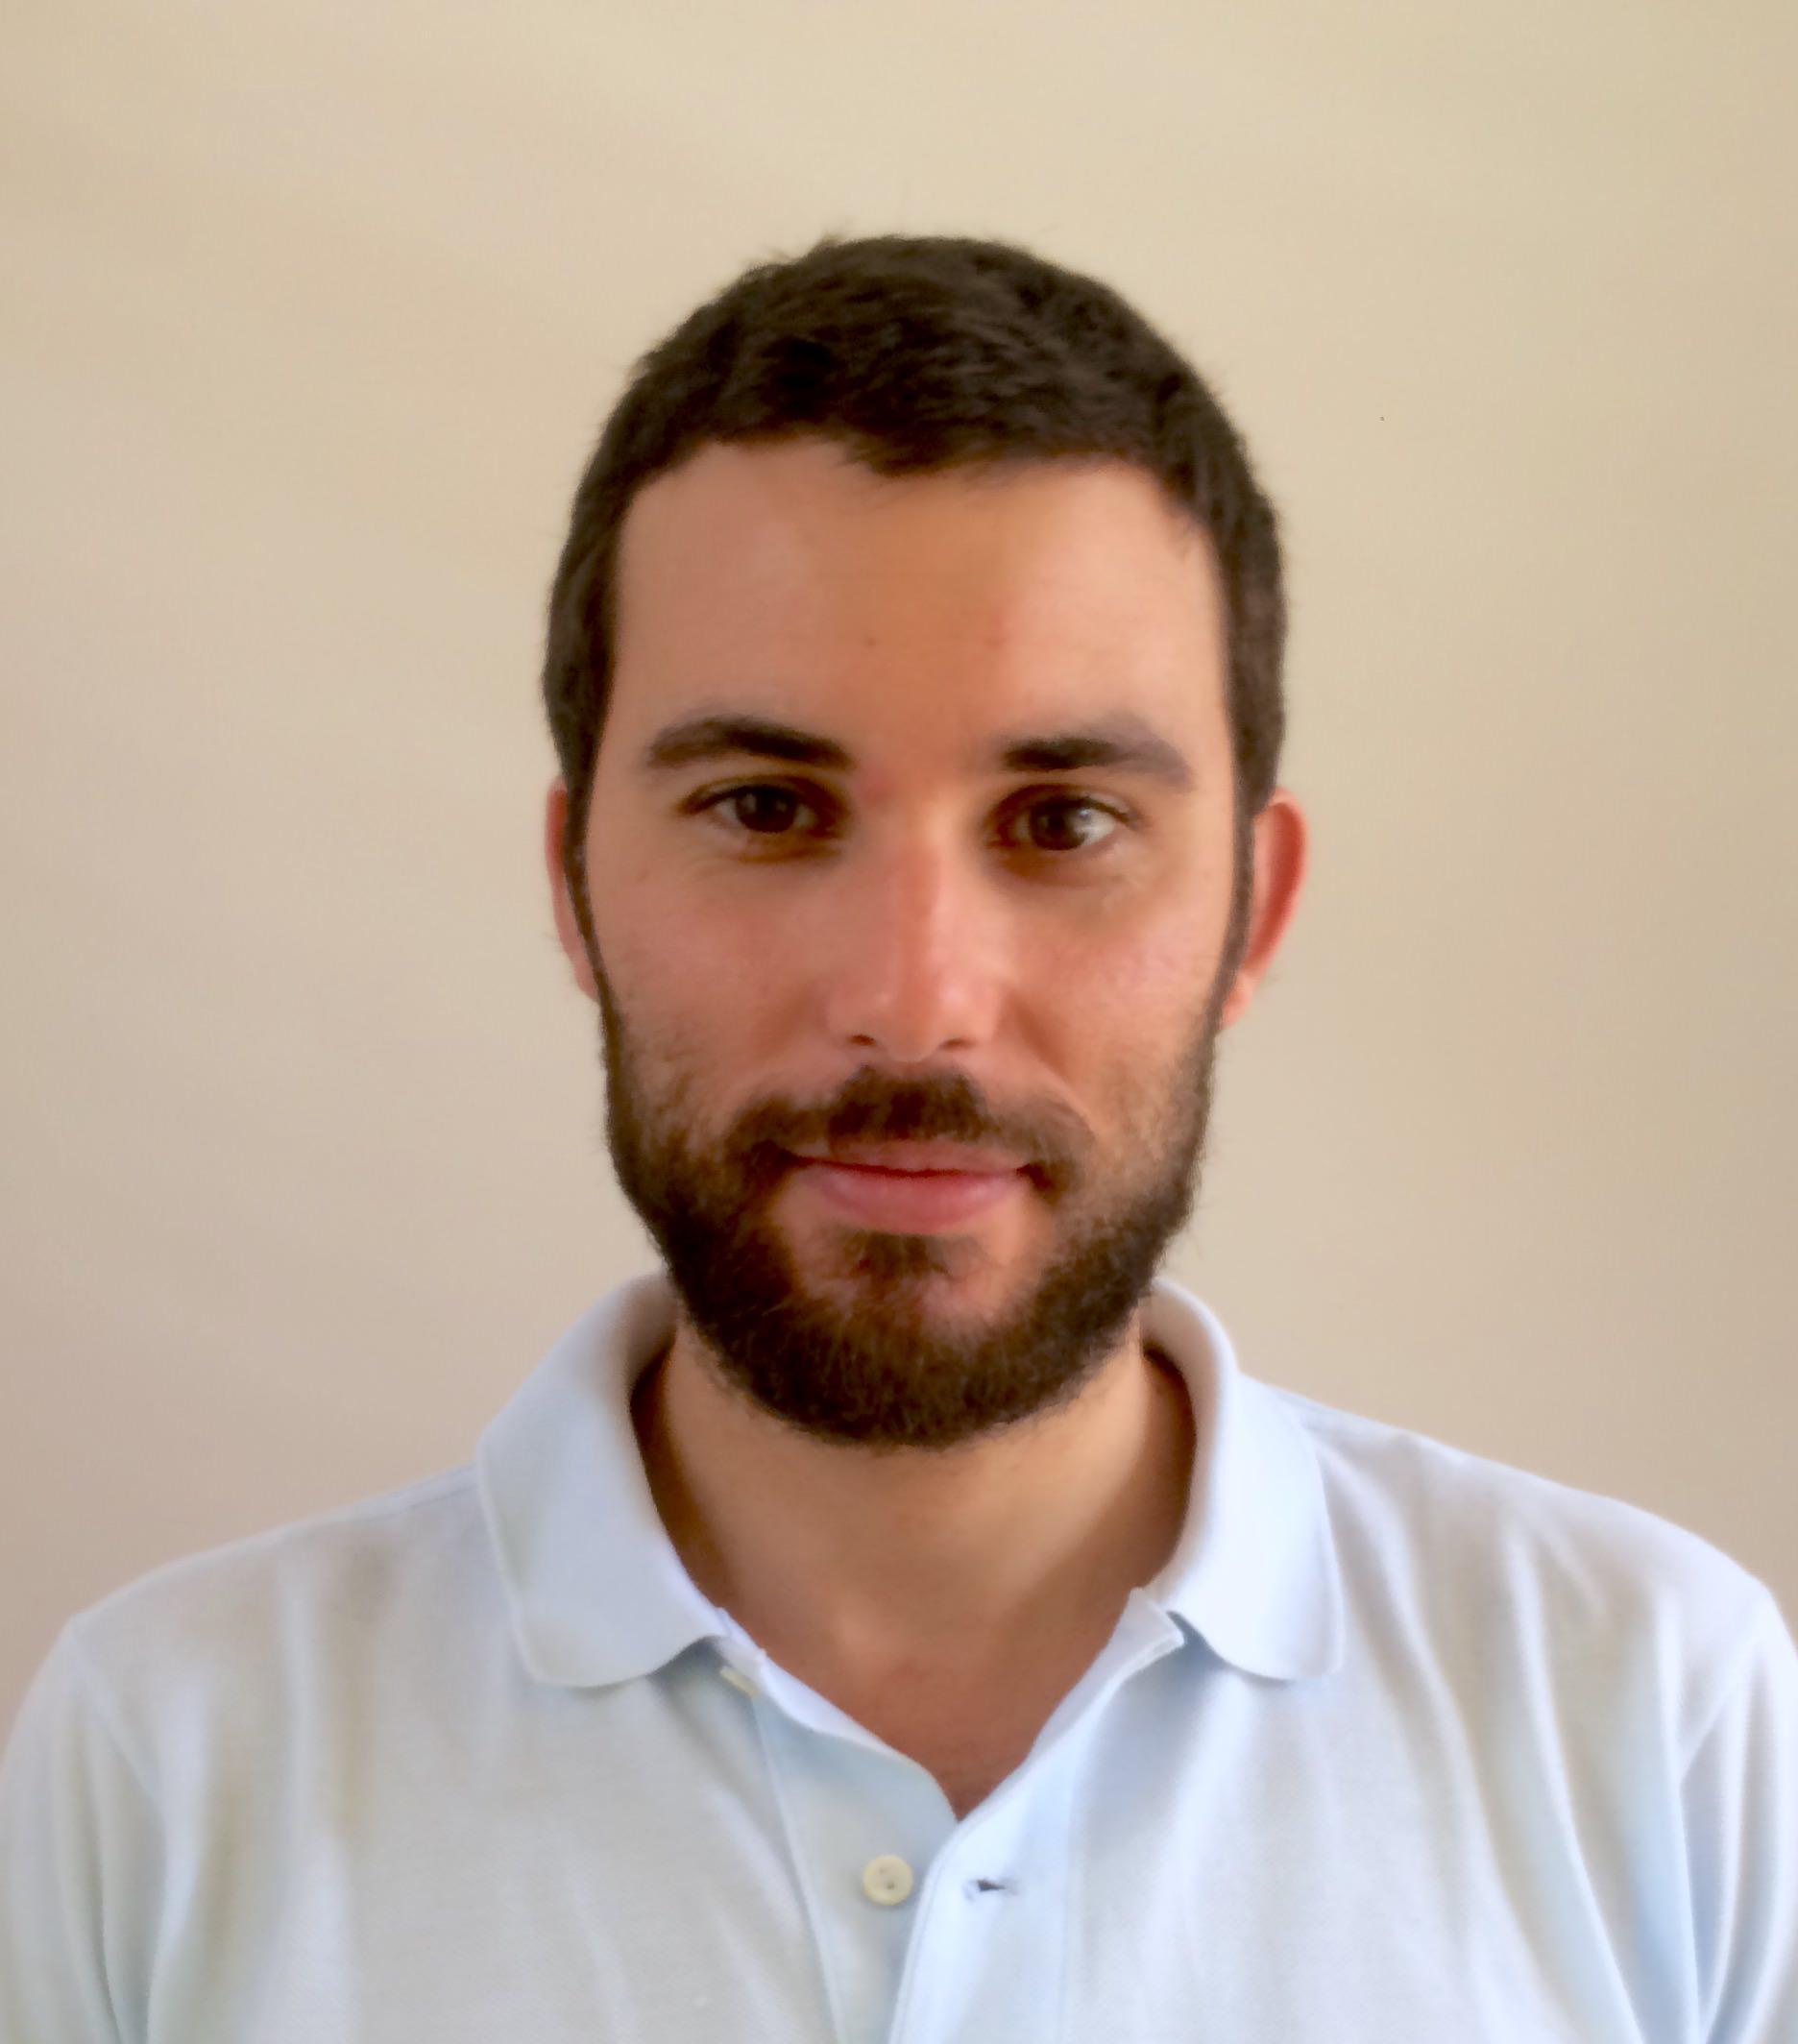 Marcus Vinícius Rojo